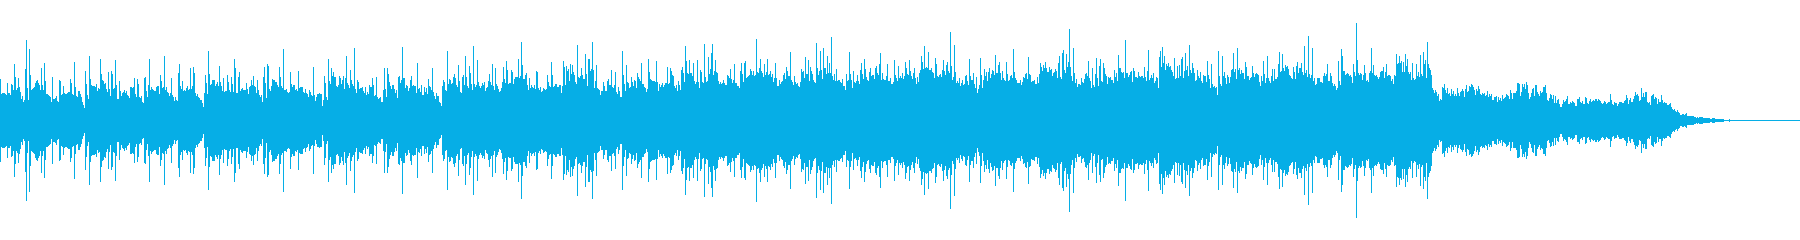 エレキギターでゆったり流れるBGMの再生済みの波形